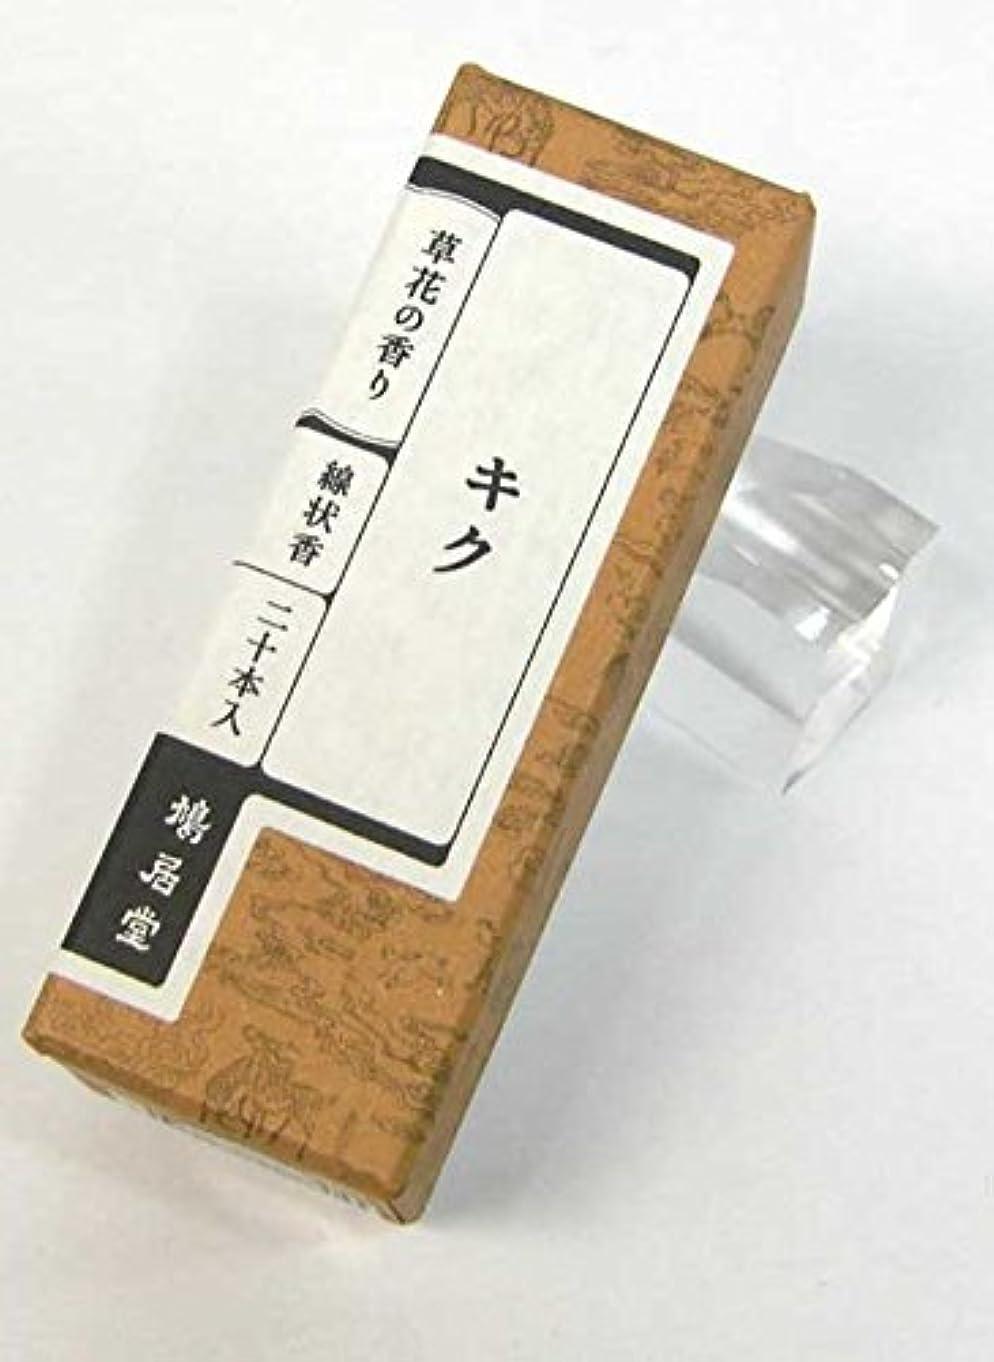 泳ぐ勧める報復鳩居堂 お香 菊/キク 草花の香りシリーズ スティックタイプ(棒状香)20本いり